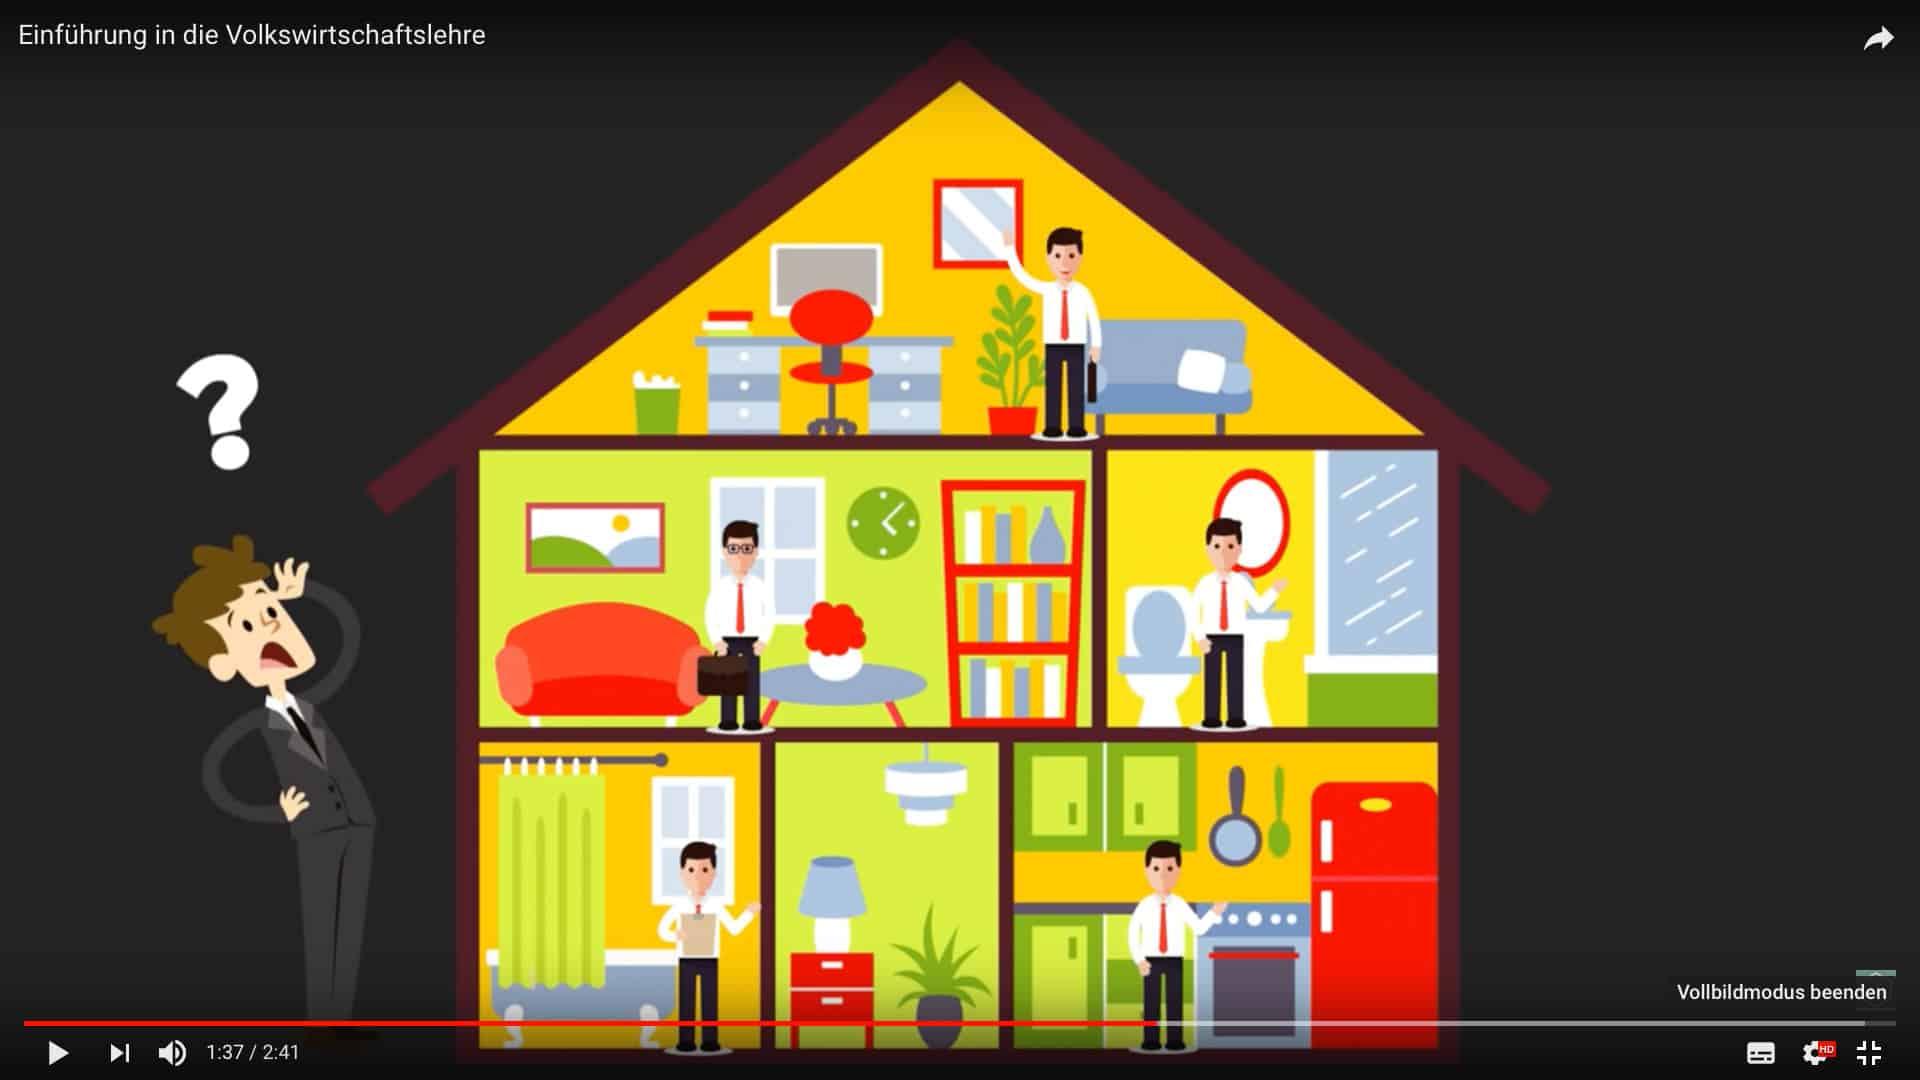 Schaubild eines Hauses zur Visualisierung von Wirtschaftsthemen.